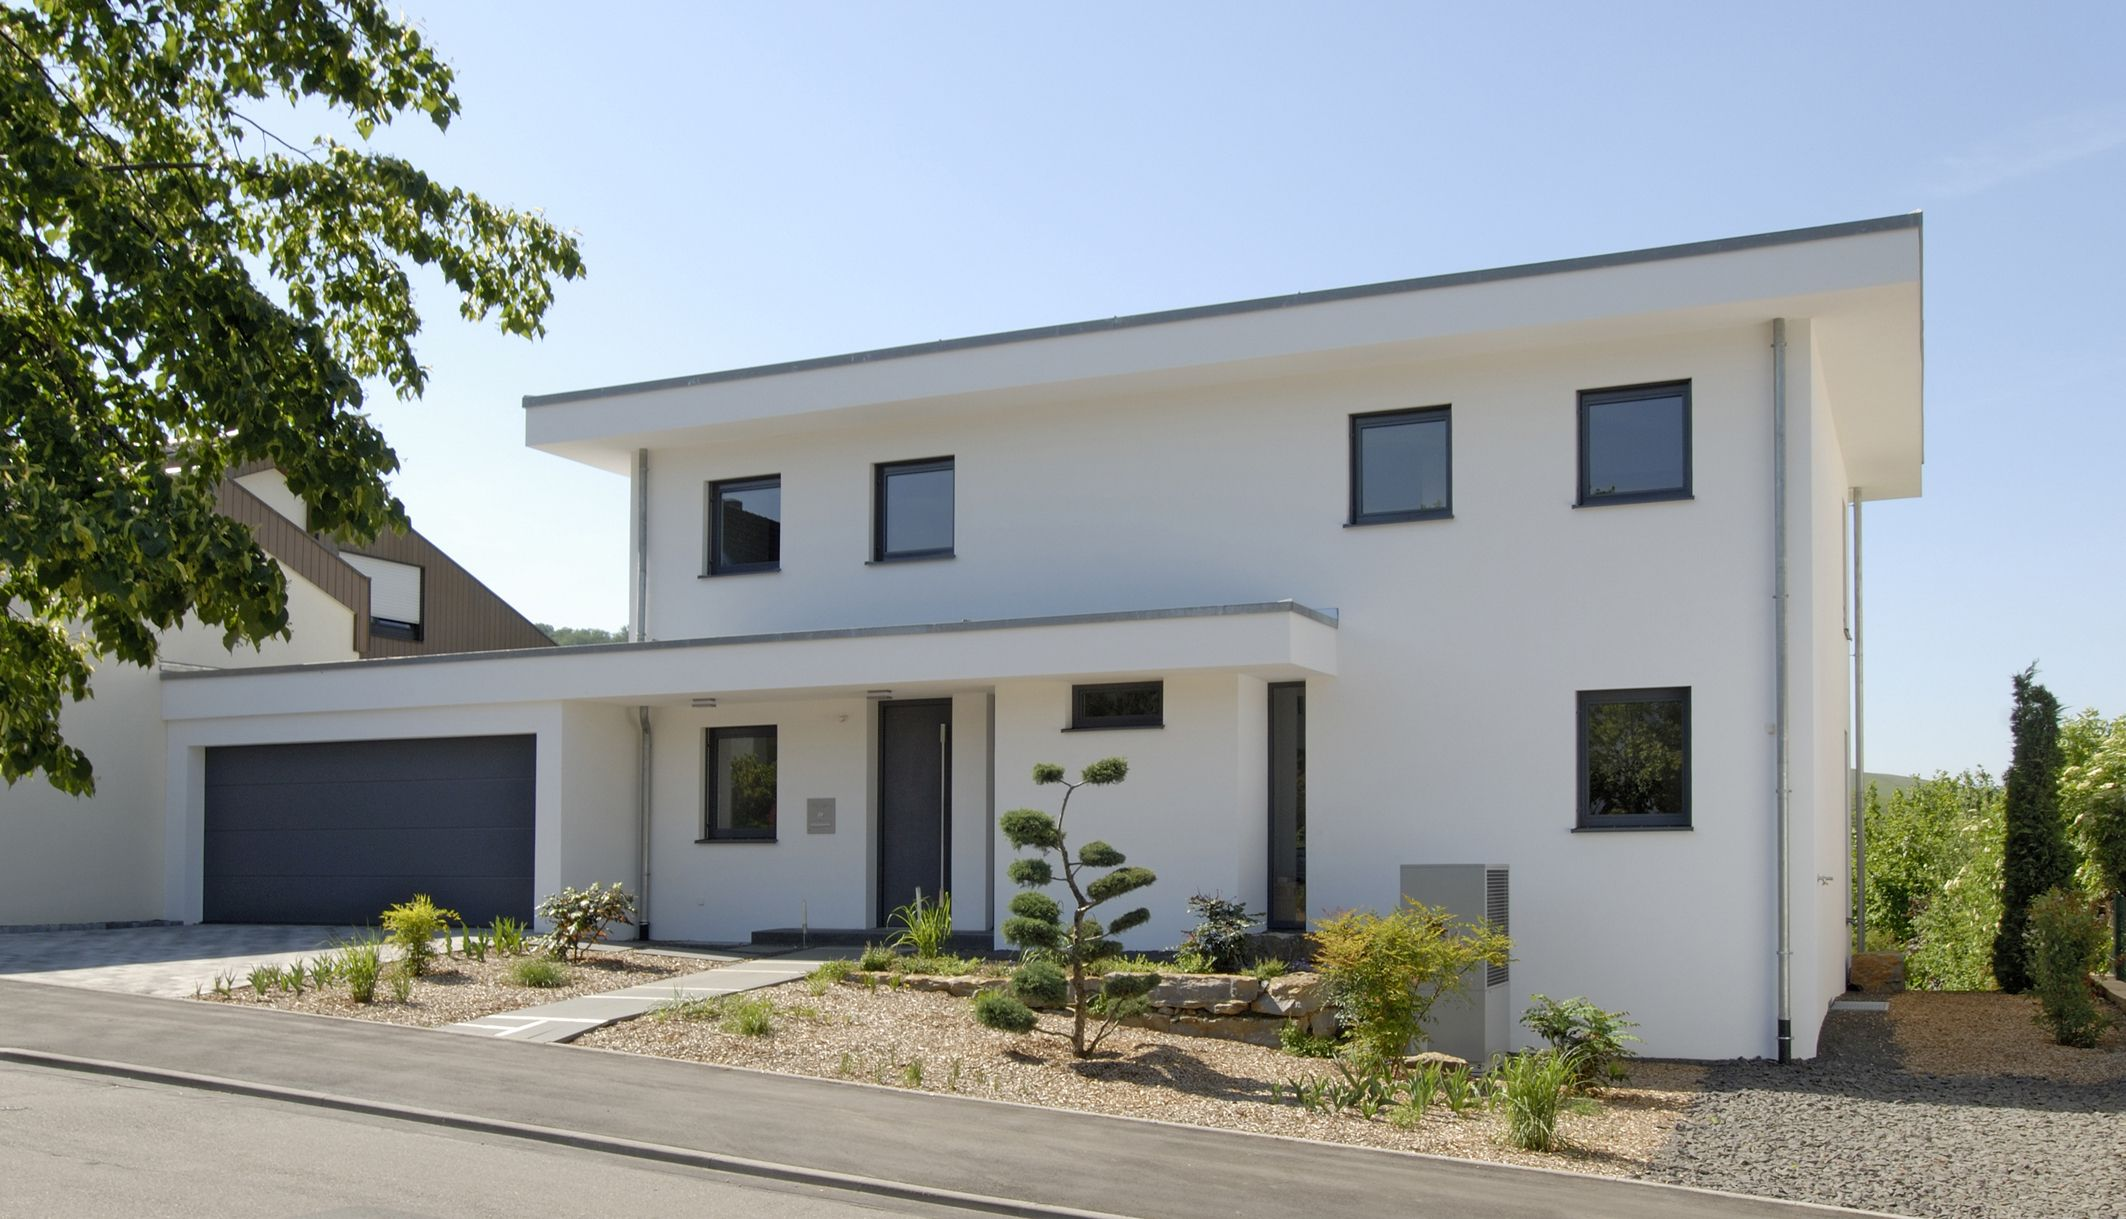 Haus Bauen Ideen Modern Demtigend Haus Modern Auf Moderne Welche